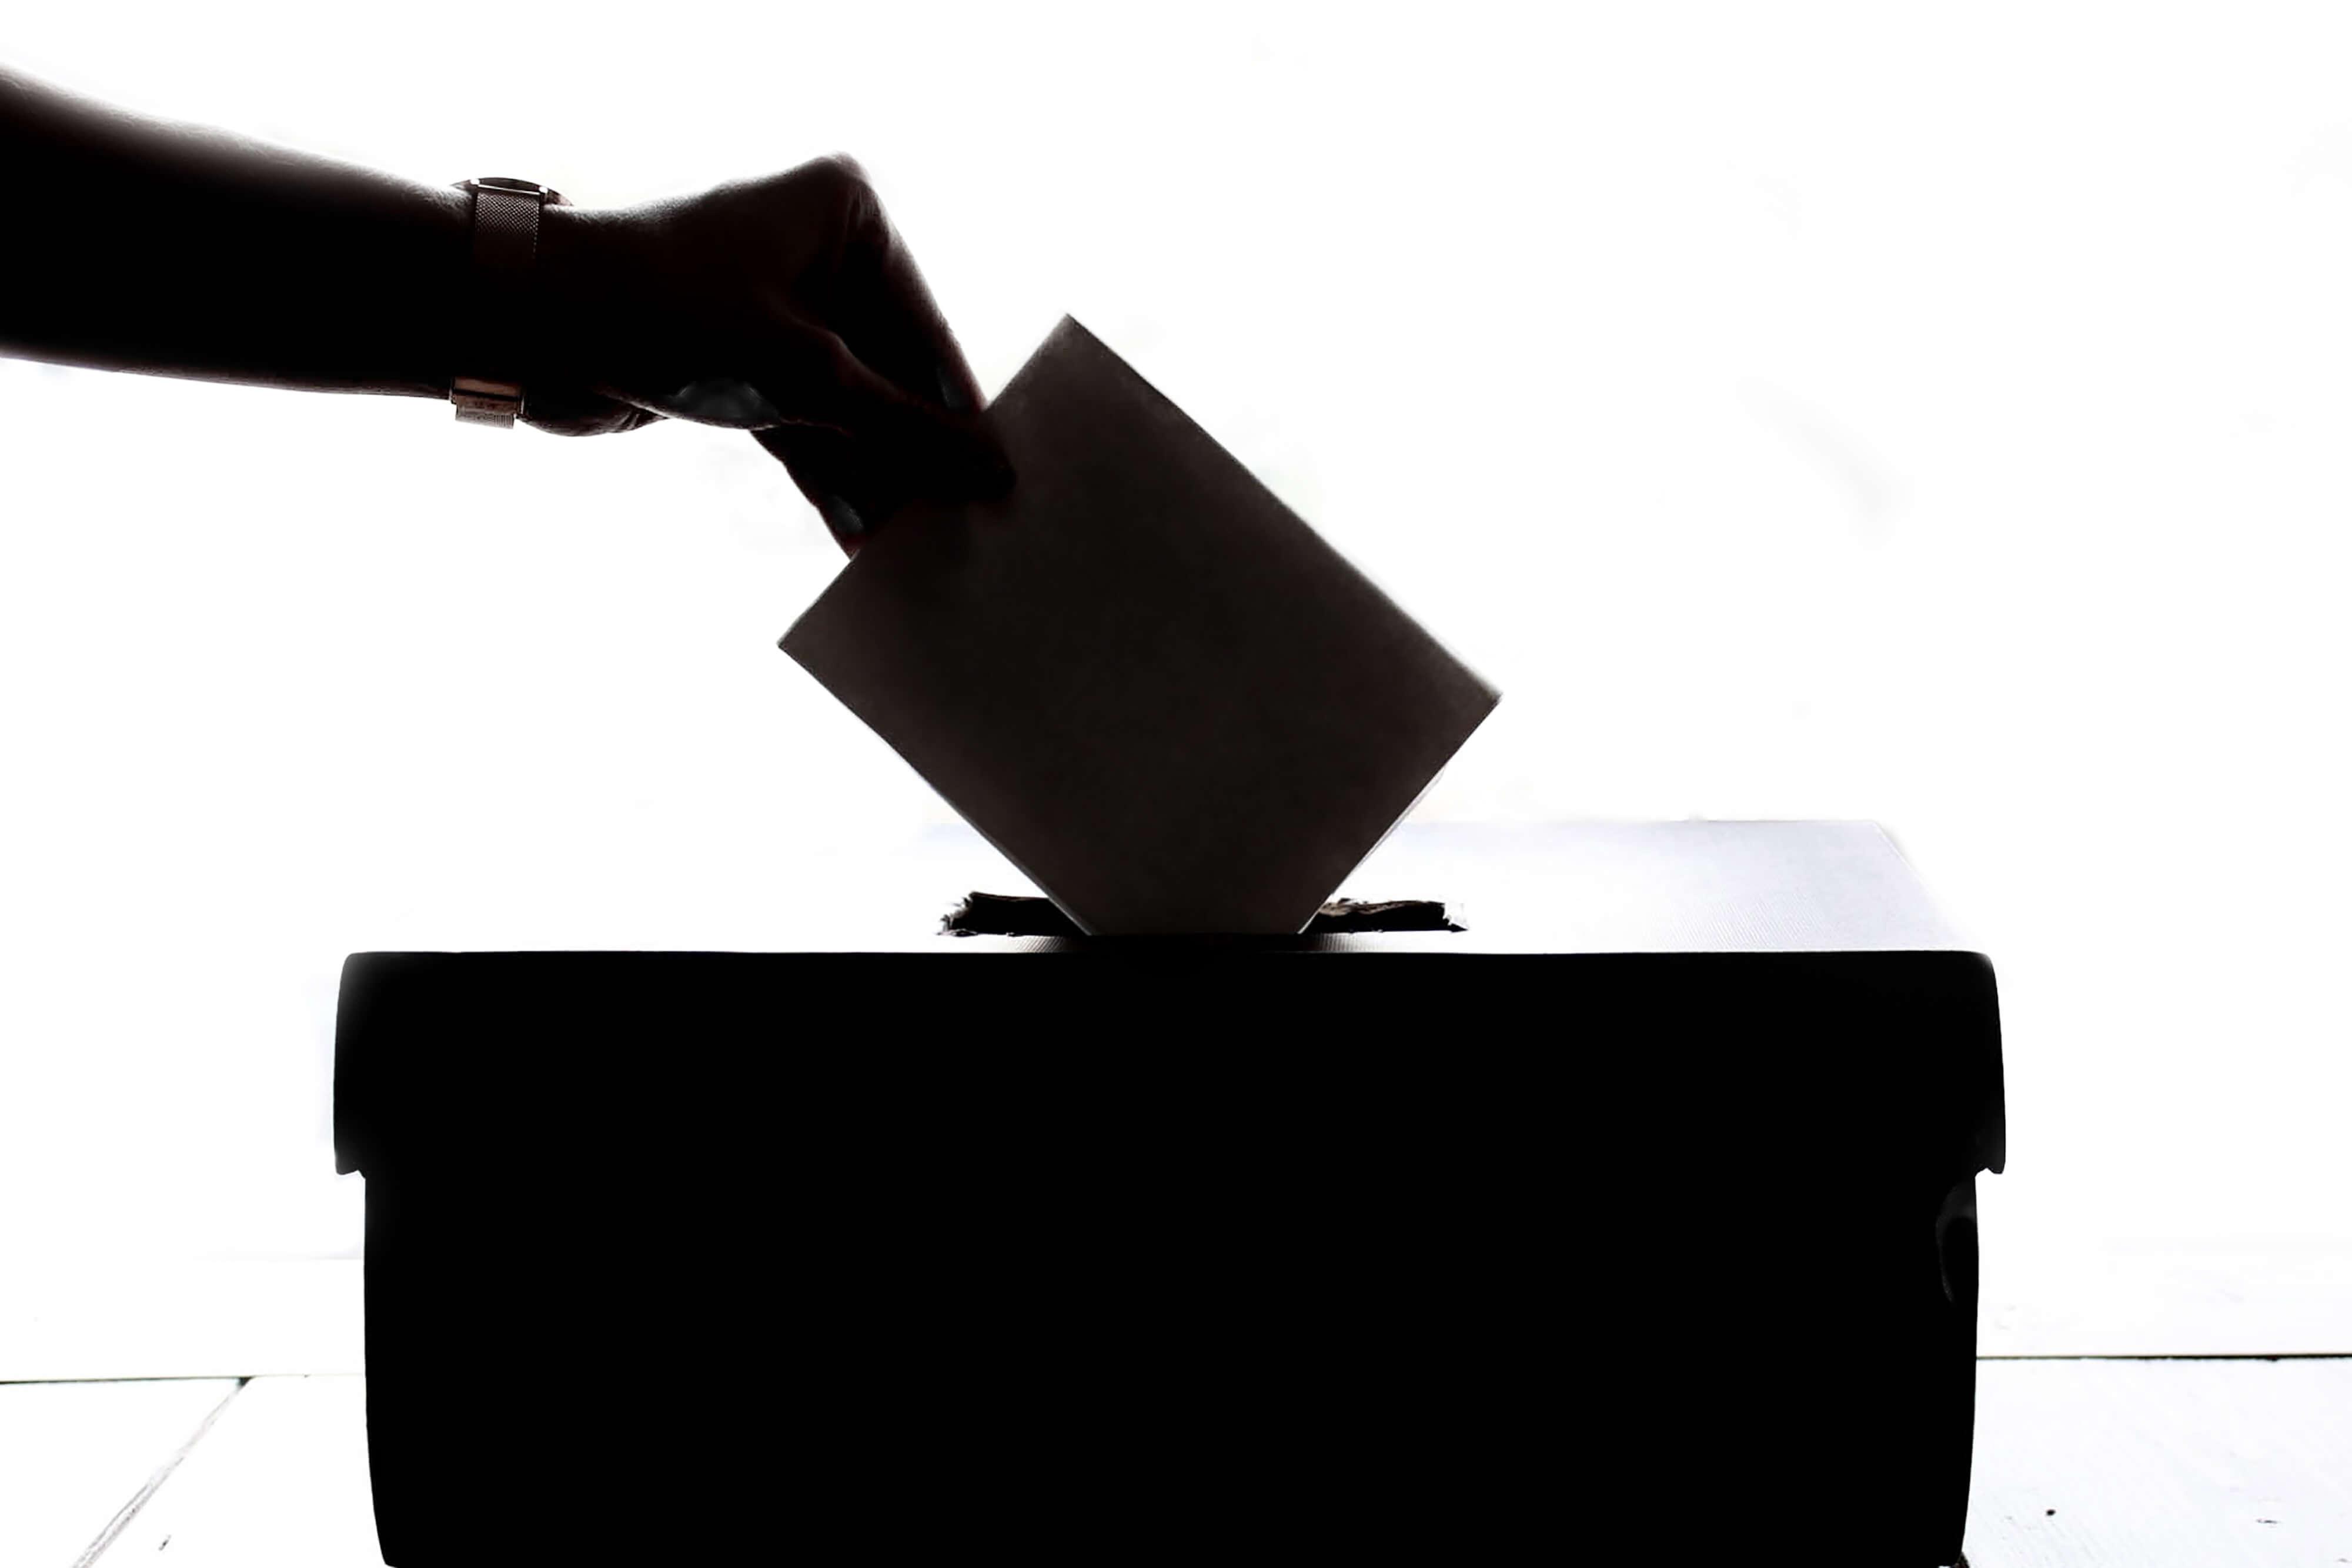 Votar en el extranjero